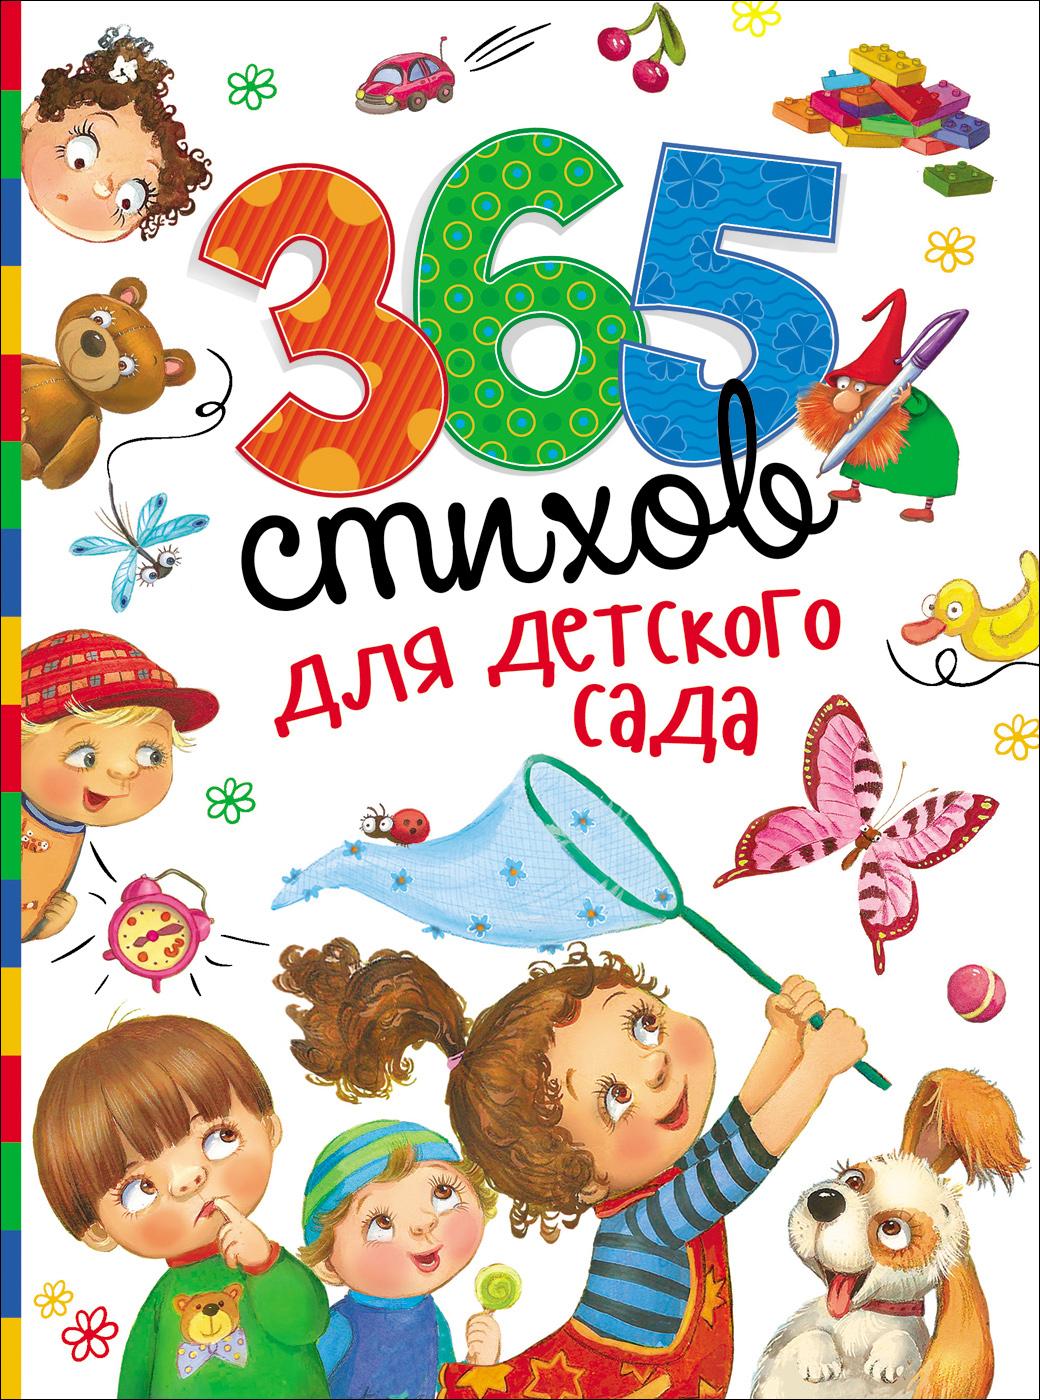 365 стихов для детского сада 100 стихов о зверятах